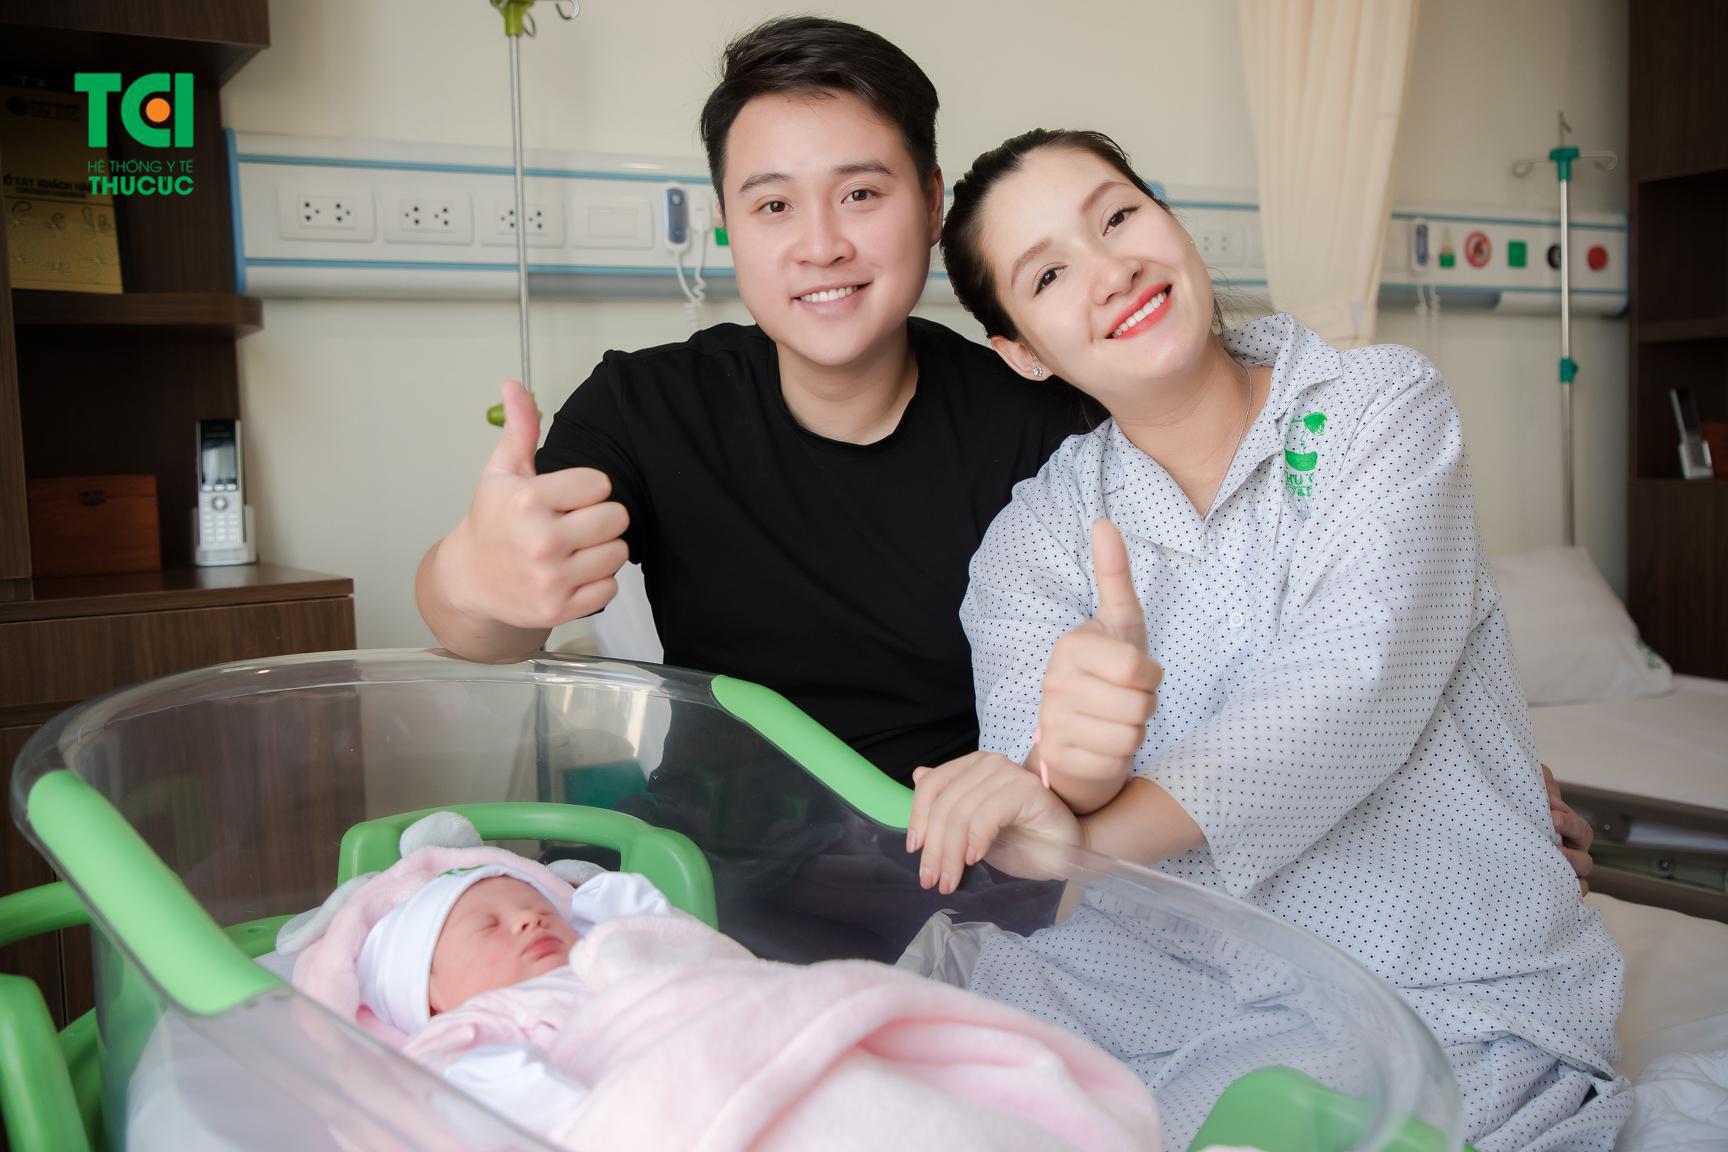 Diễn viên Trịnh Khánh Linh: Sinh con là bộ phim cảm động nhất của mình - Ảnh 5.